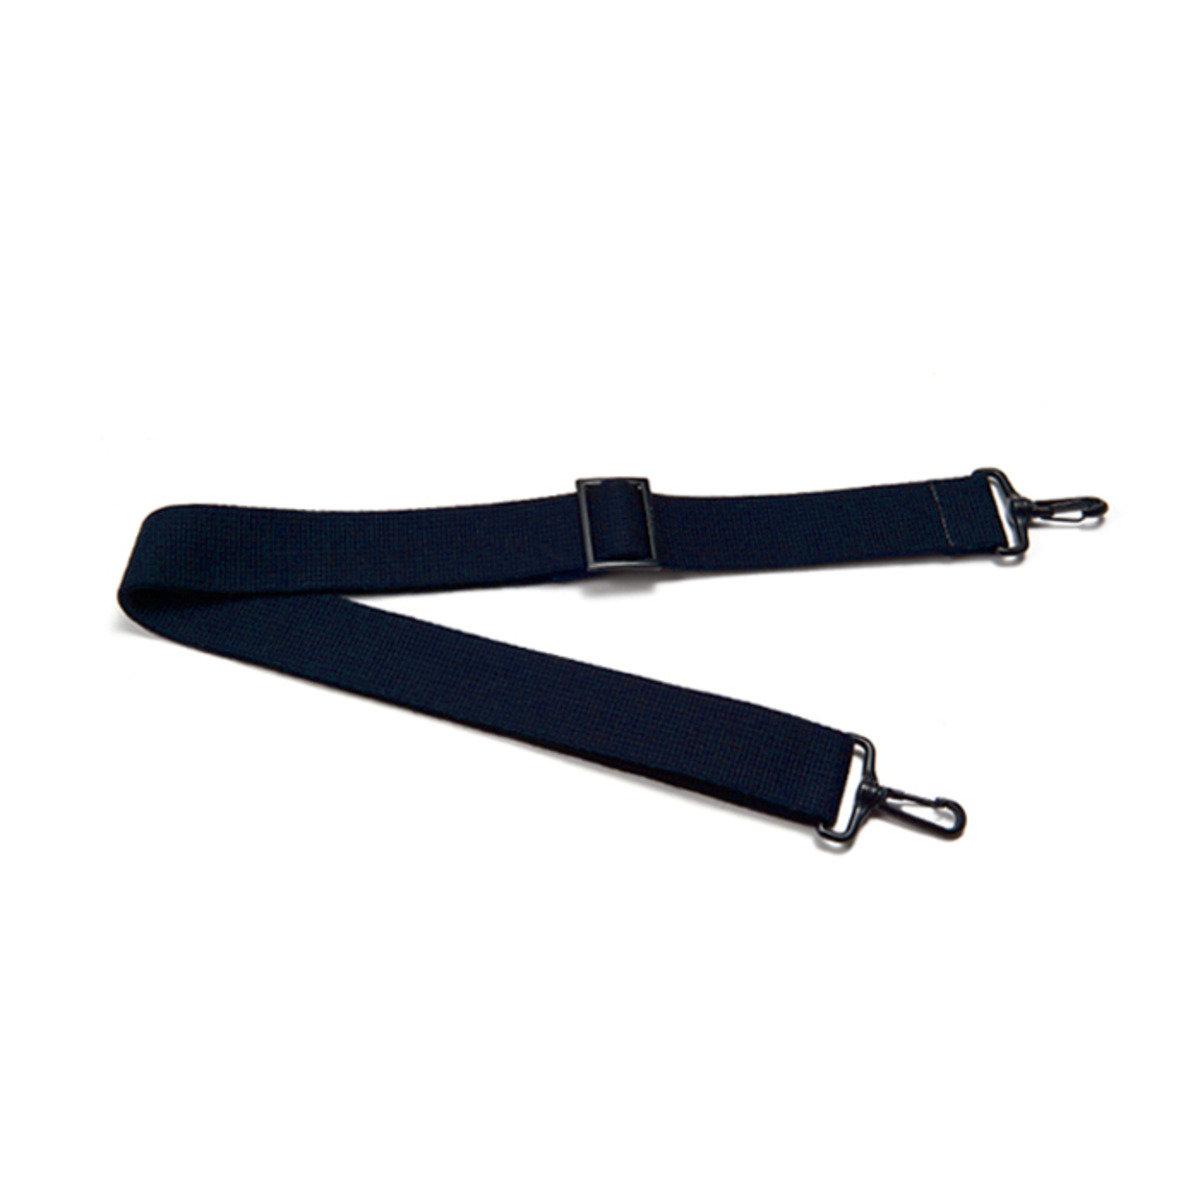 Webbing Strap Dark 手挽袋肩帶 (深藍)_KW_0000016018